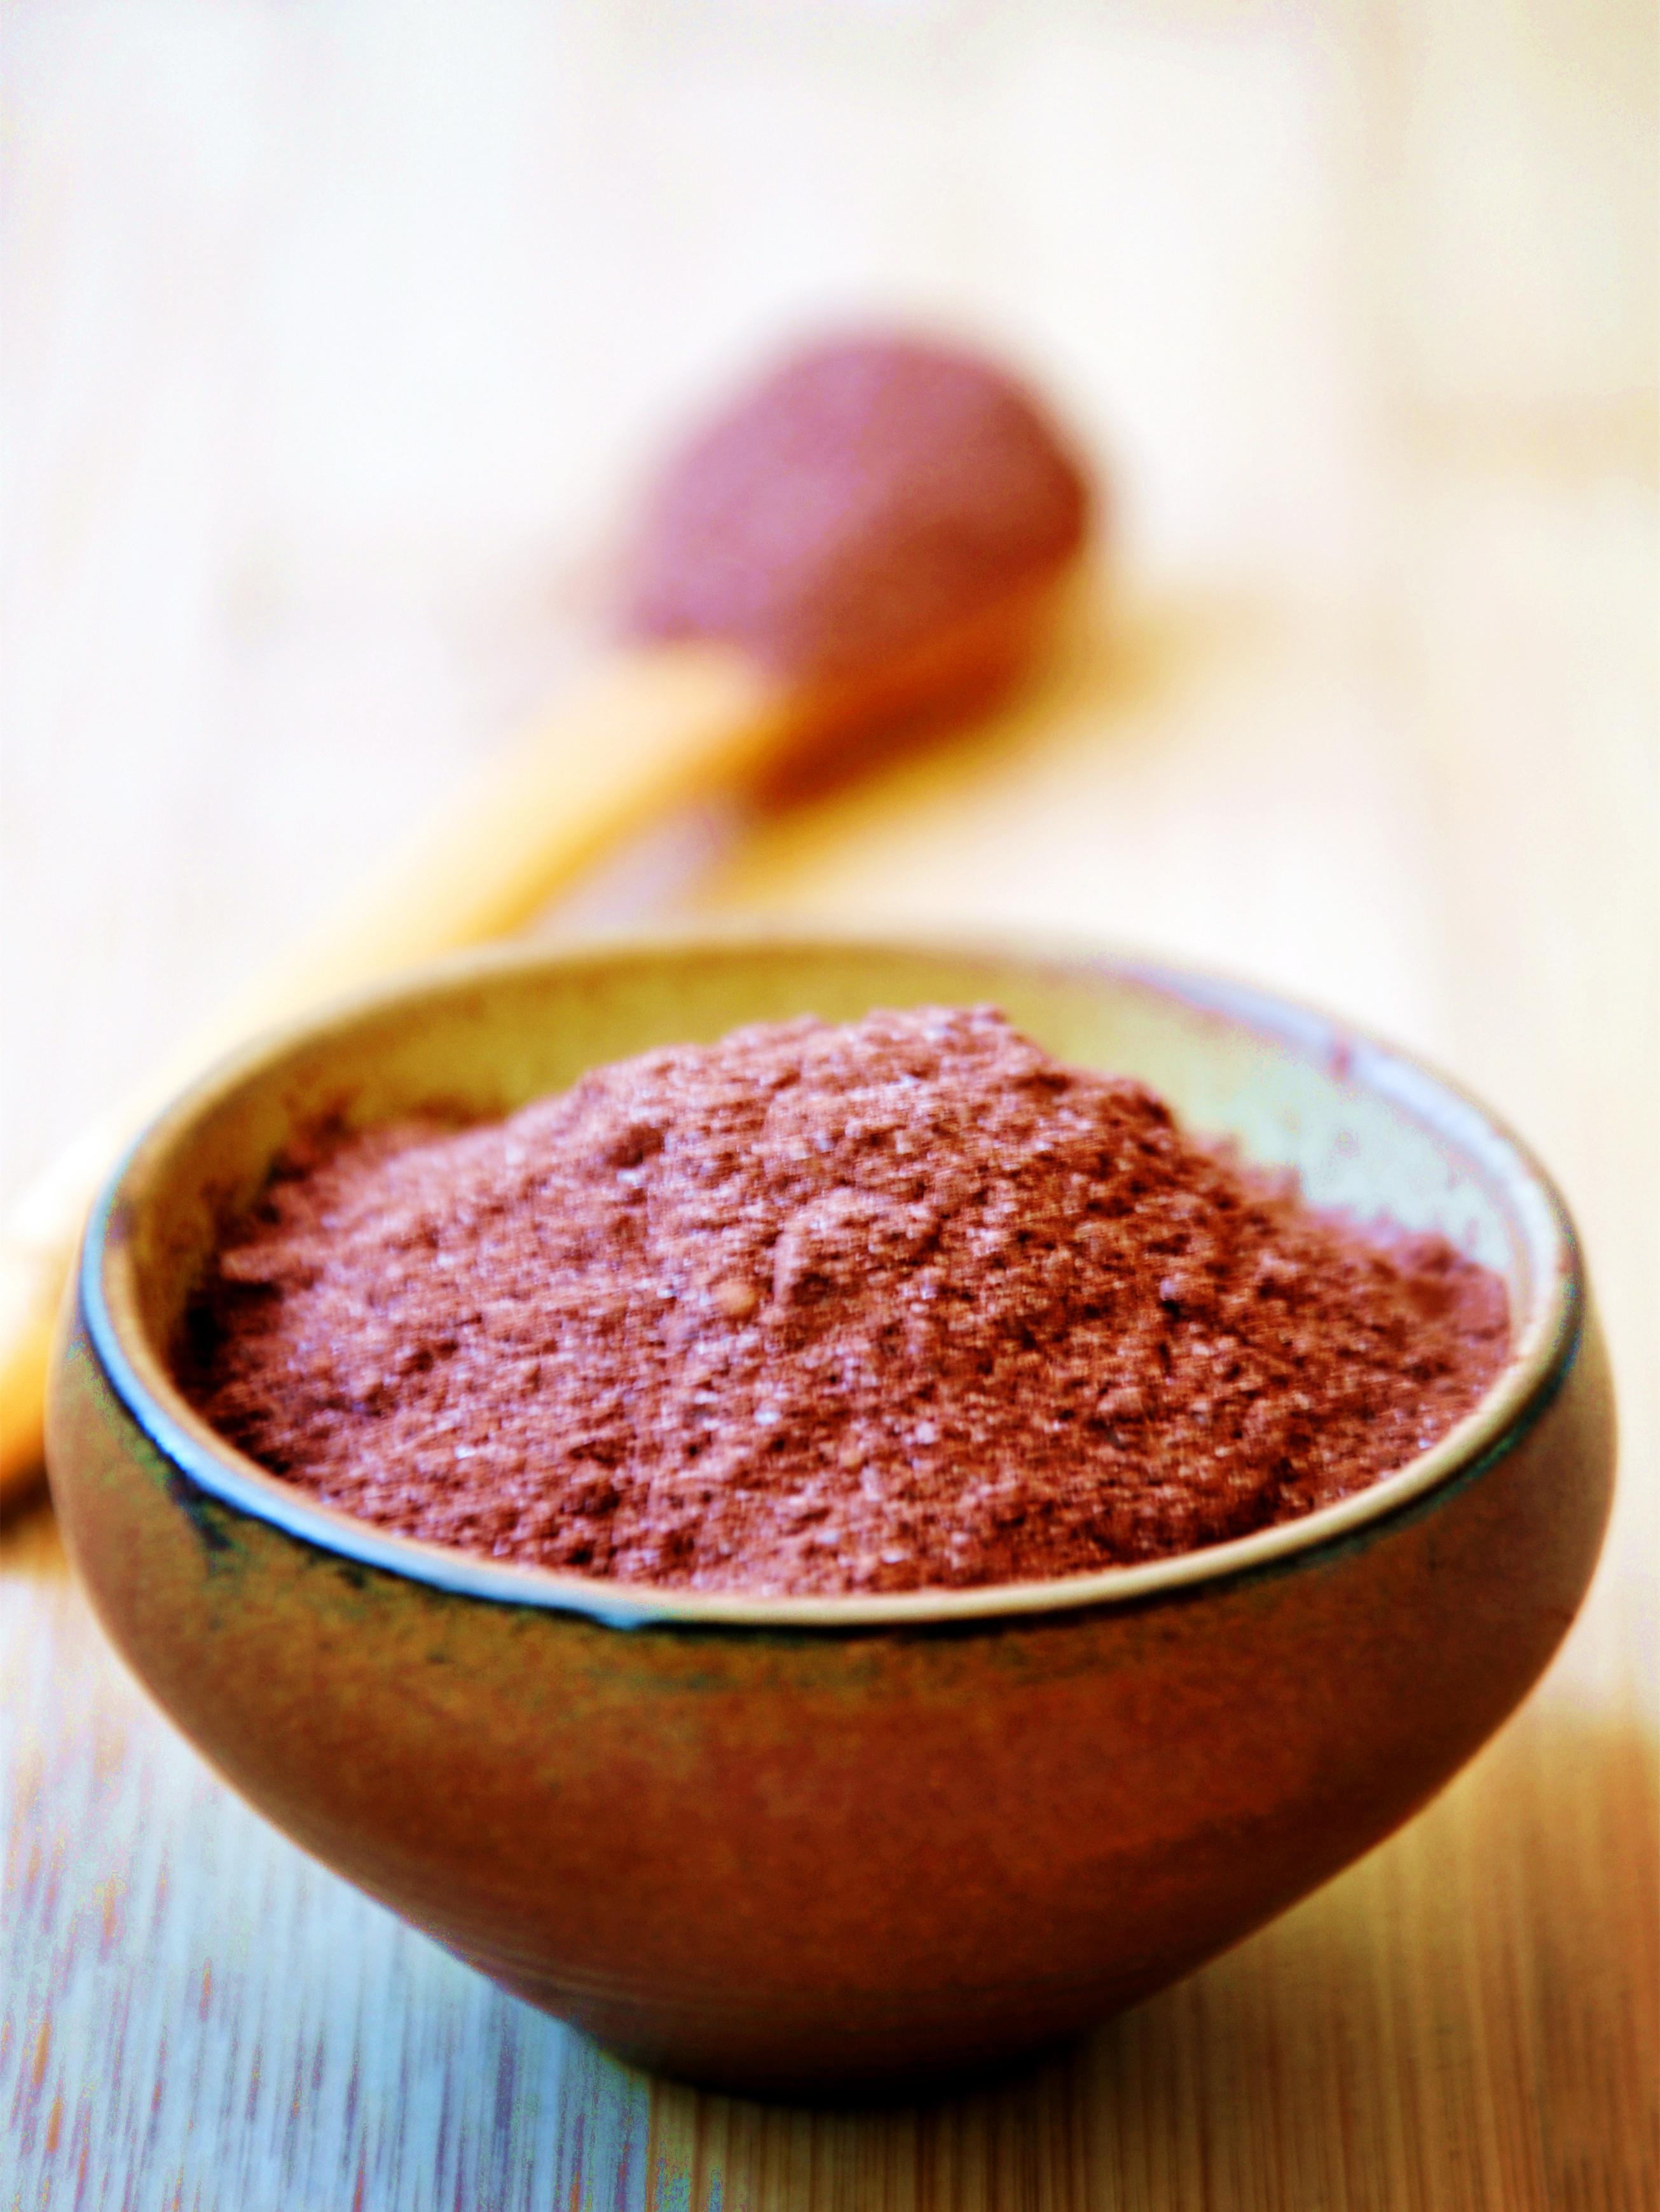 可可饮粉Cocoa Powder